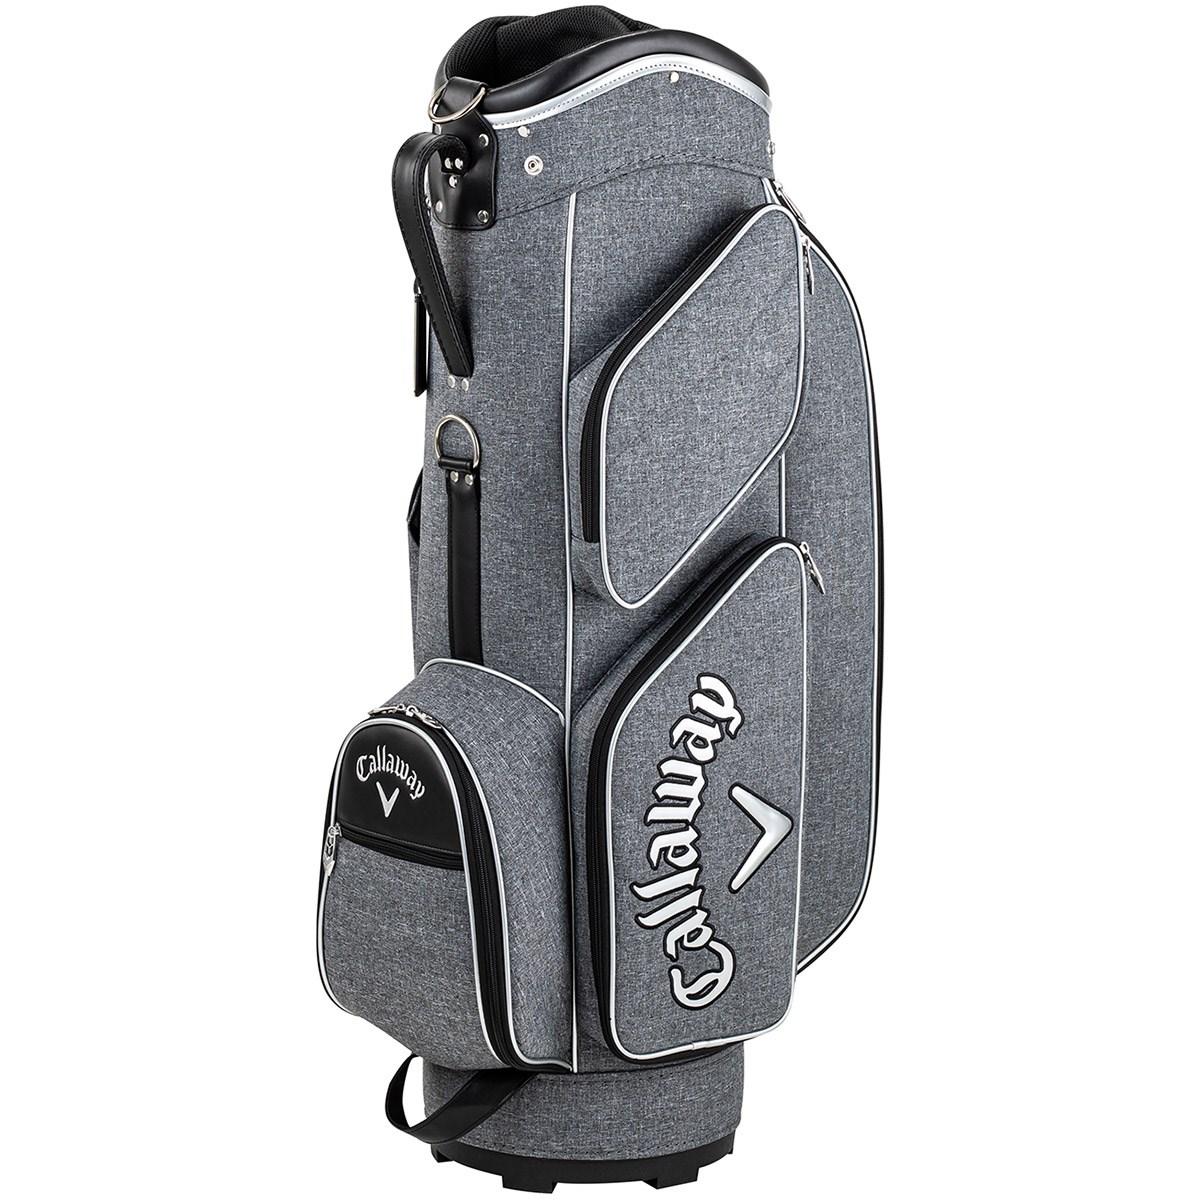 キャロウェイゴルフ(Callaway Golf) SOLID キャディバッグ